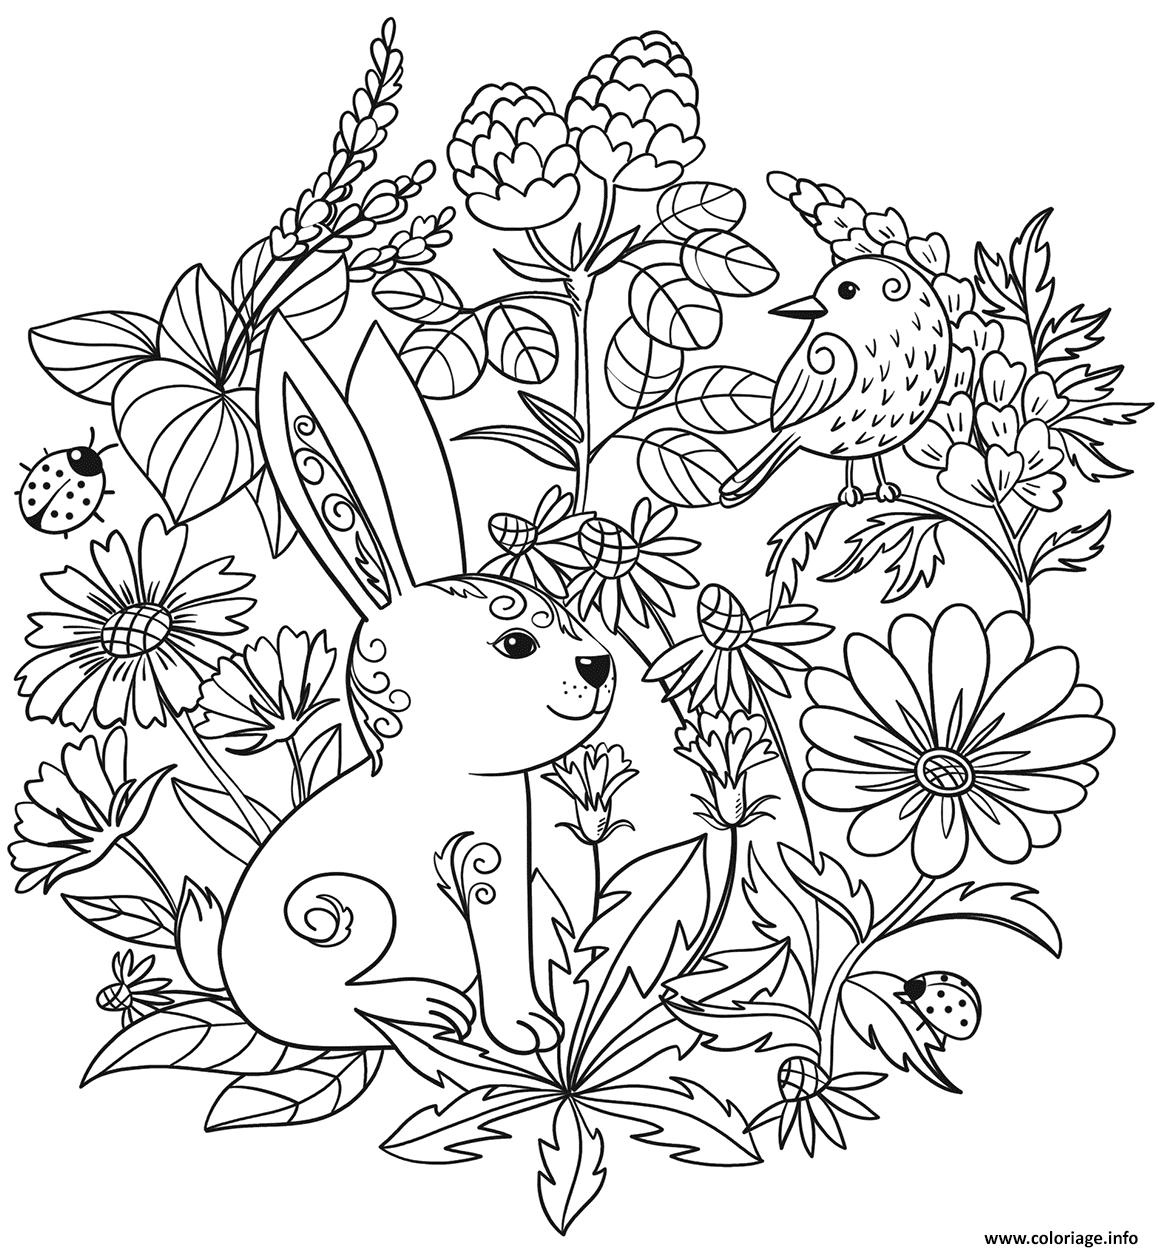 Dessin lapin et oiseaux vegetation par Lesya Adamchuk Coloriage Gratuit à Imprimer